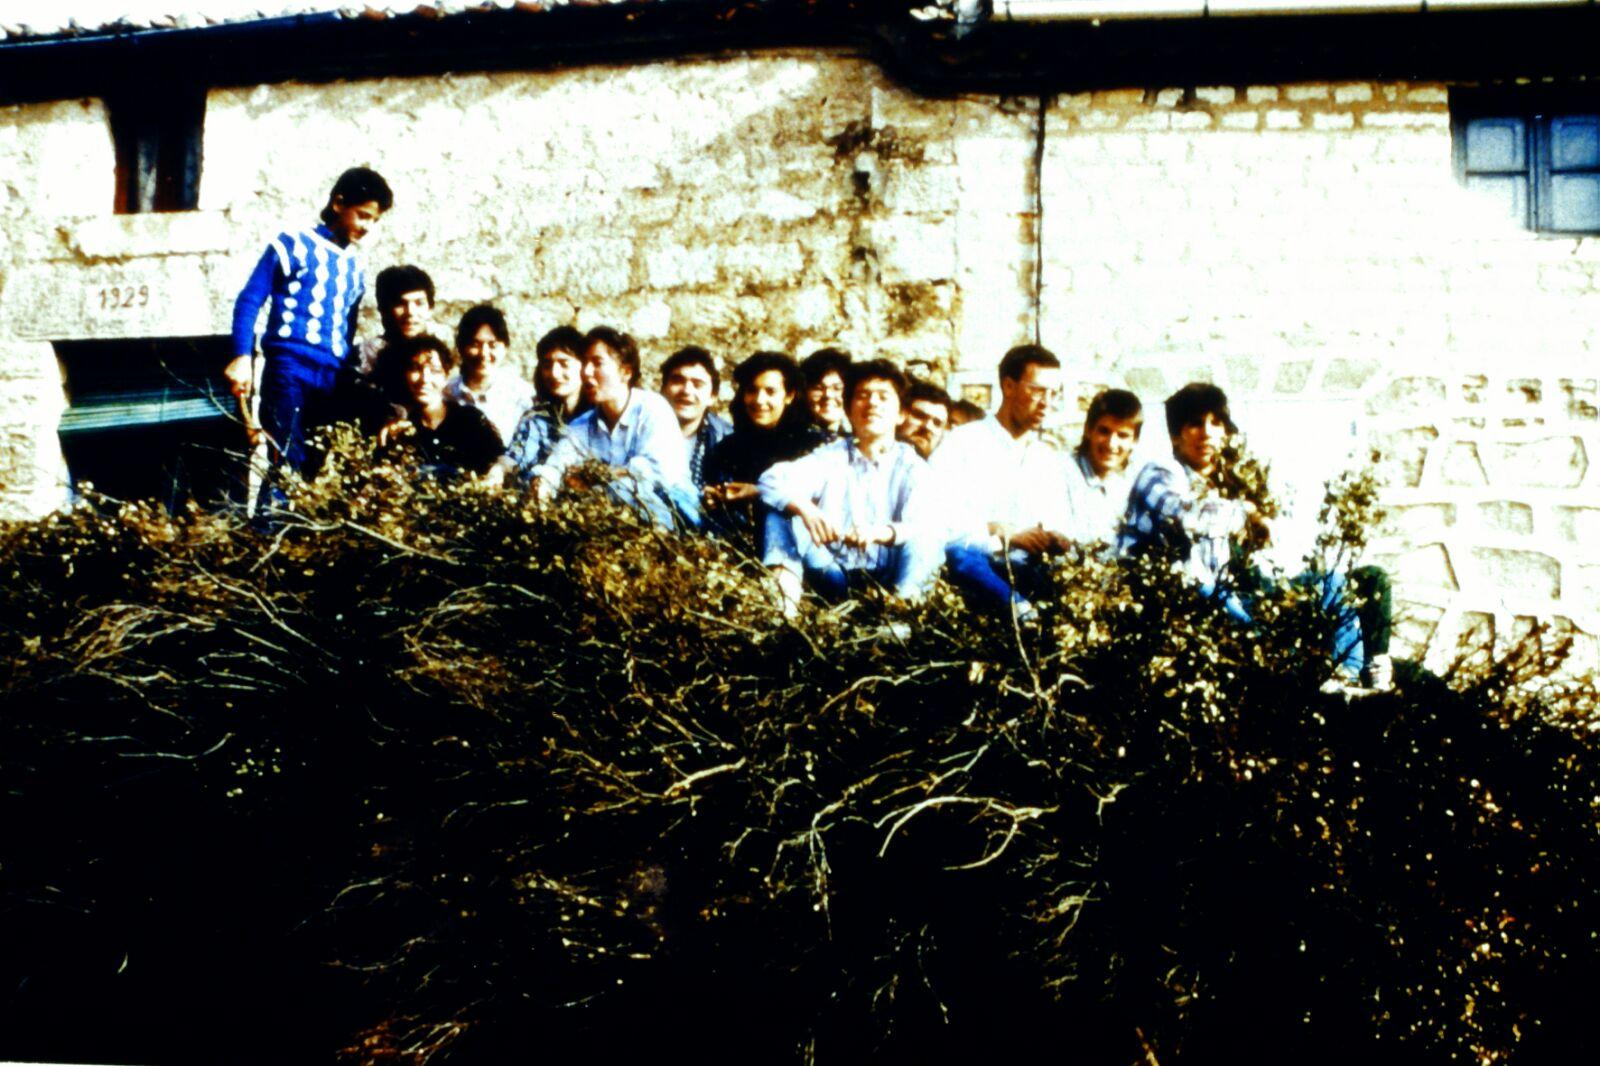 Mecerreyes, recogida de támbaras, año 1986. Foto Fernando Alonso, 1